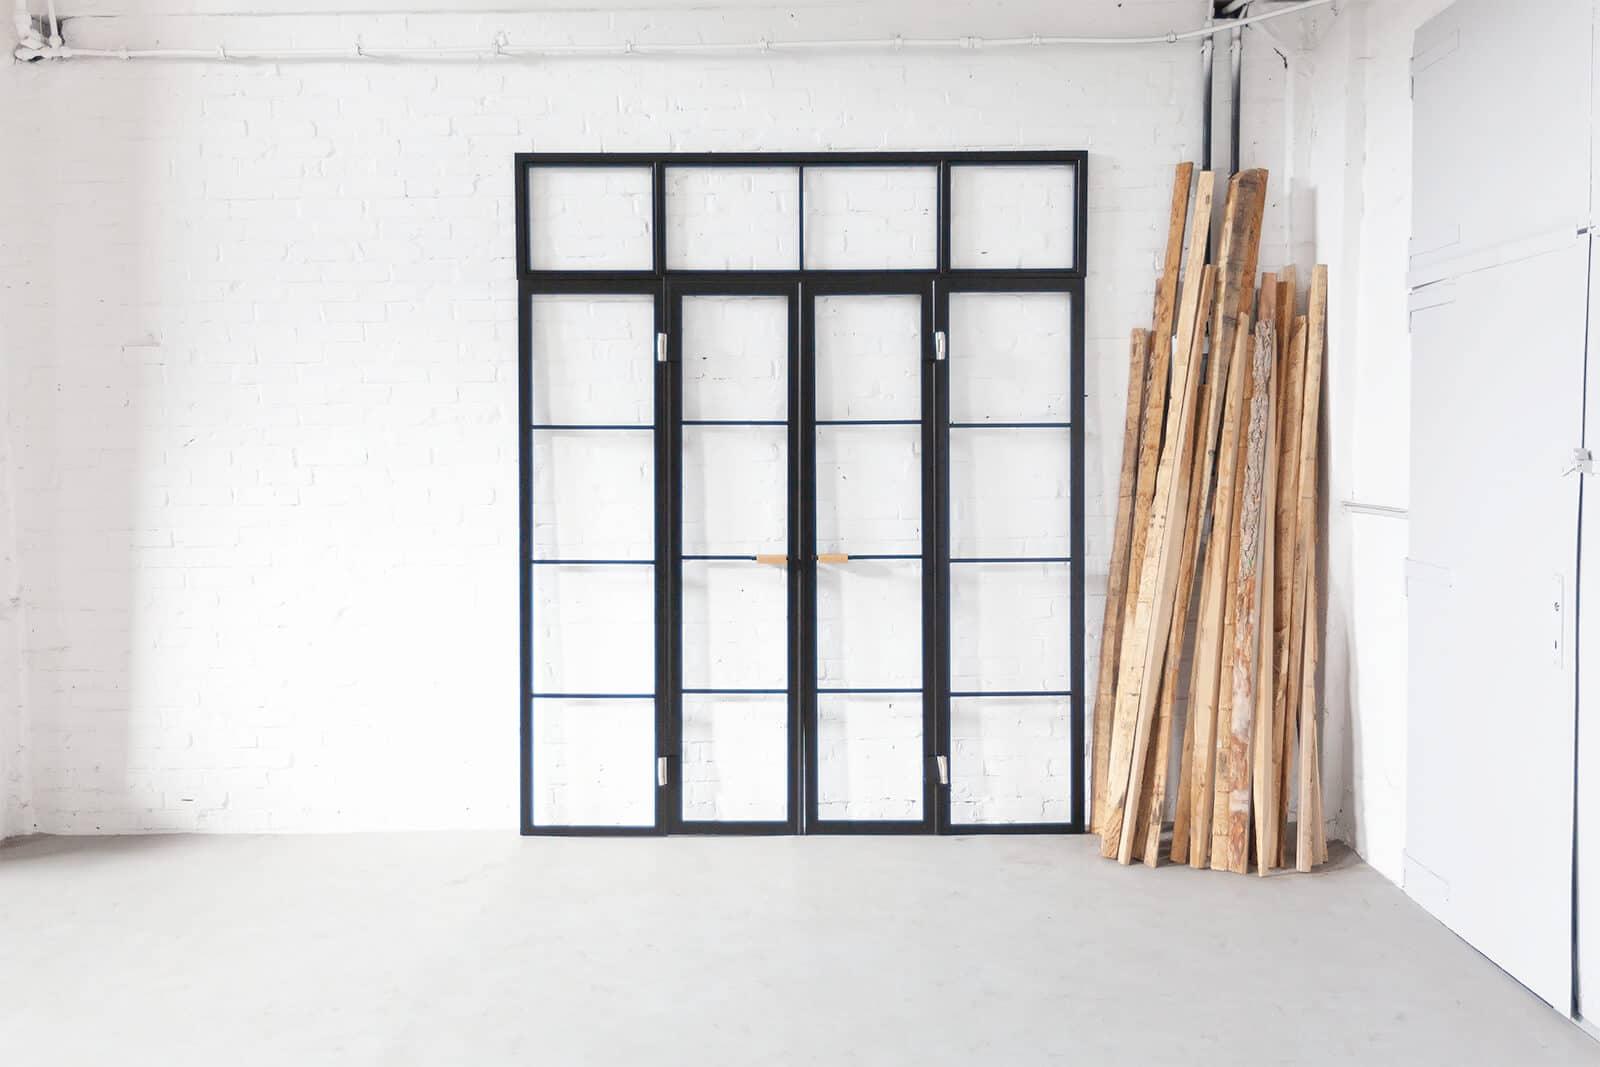 N51E12 Stahl Loft Tür, Doppeltür, Schwingtür, Glastrennwand, Raumtrenner, Trennwand, Bauhaus Design, Bauhaus Tür